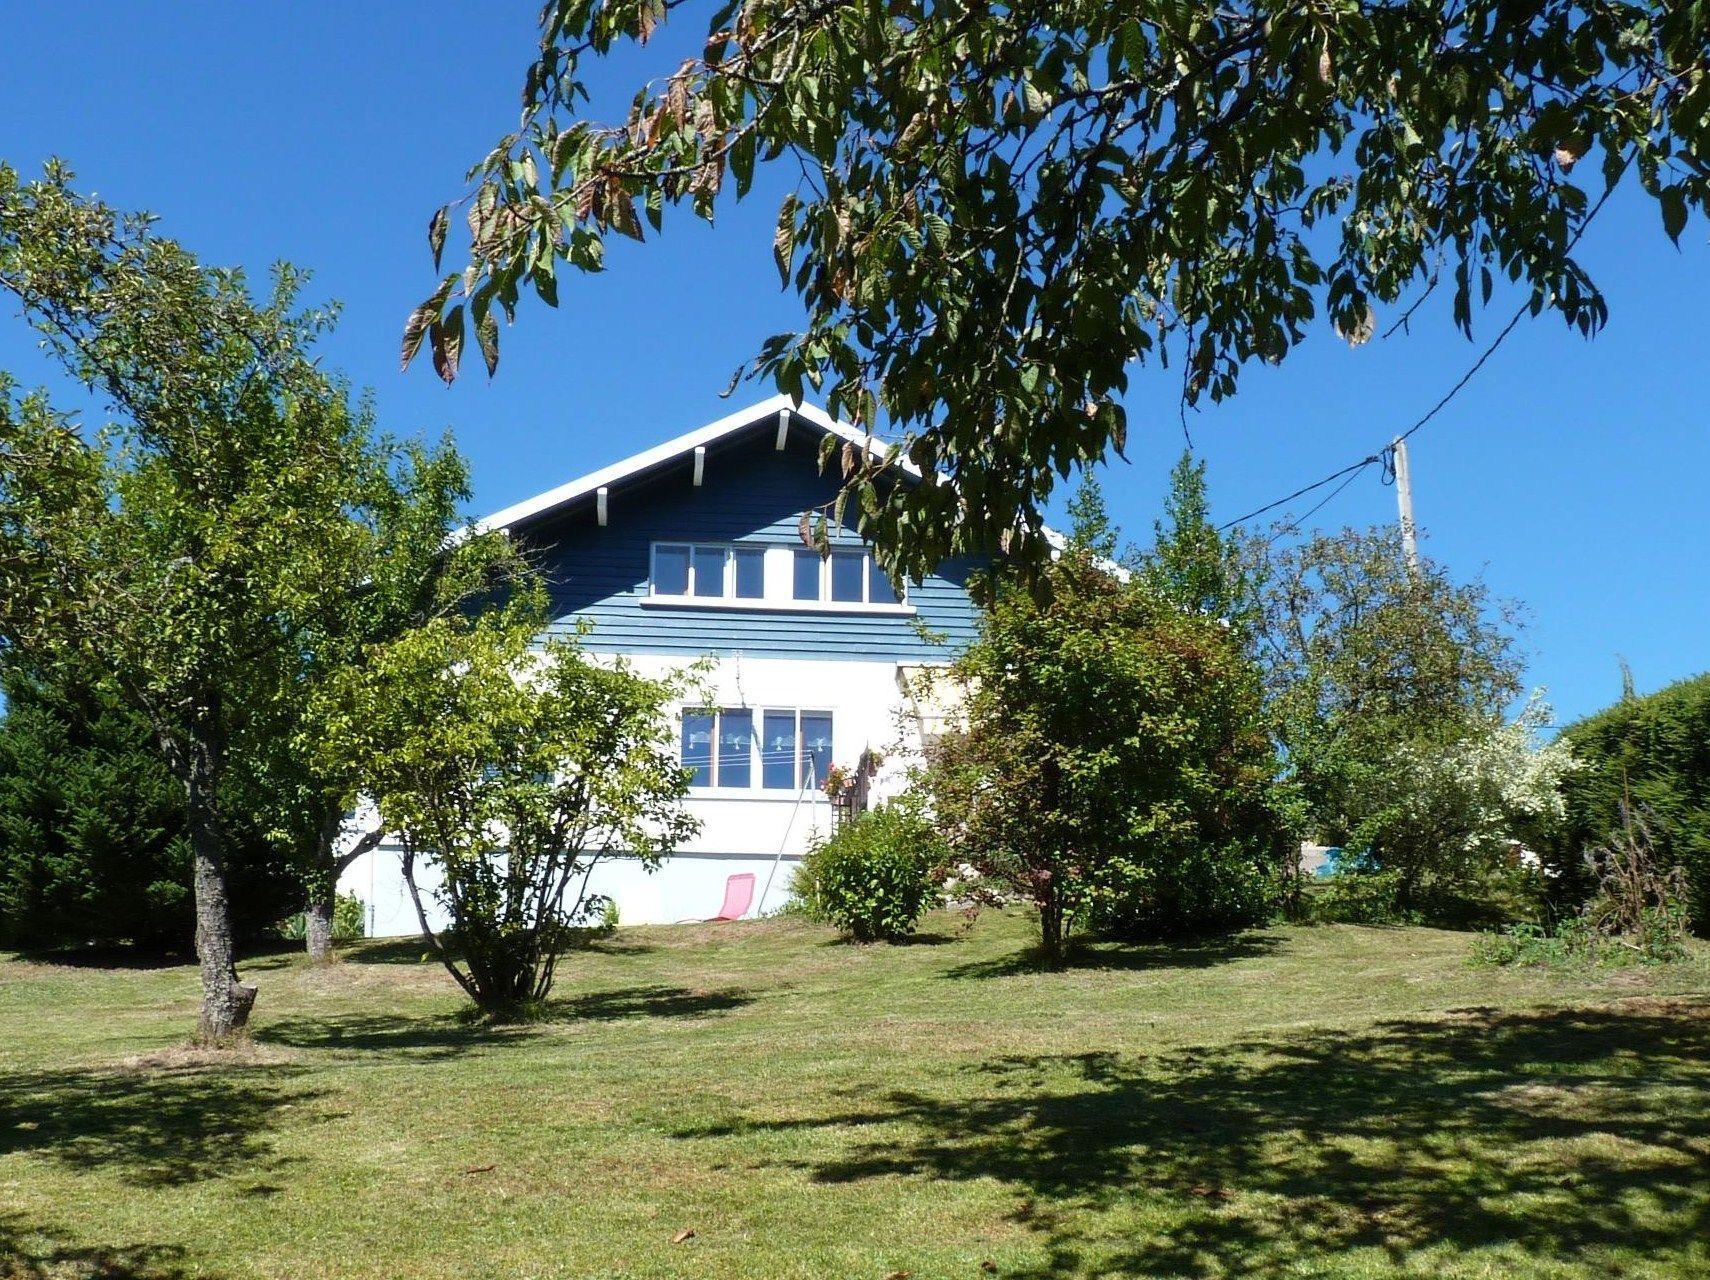 Ferienhaus für 6 Personen ca. 121 m² in